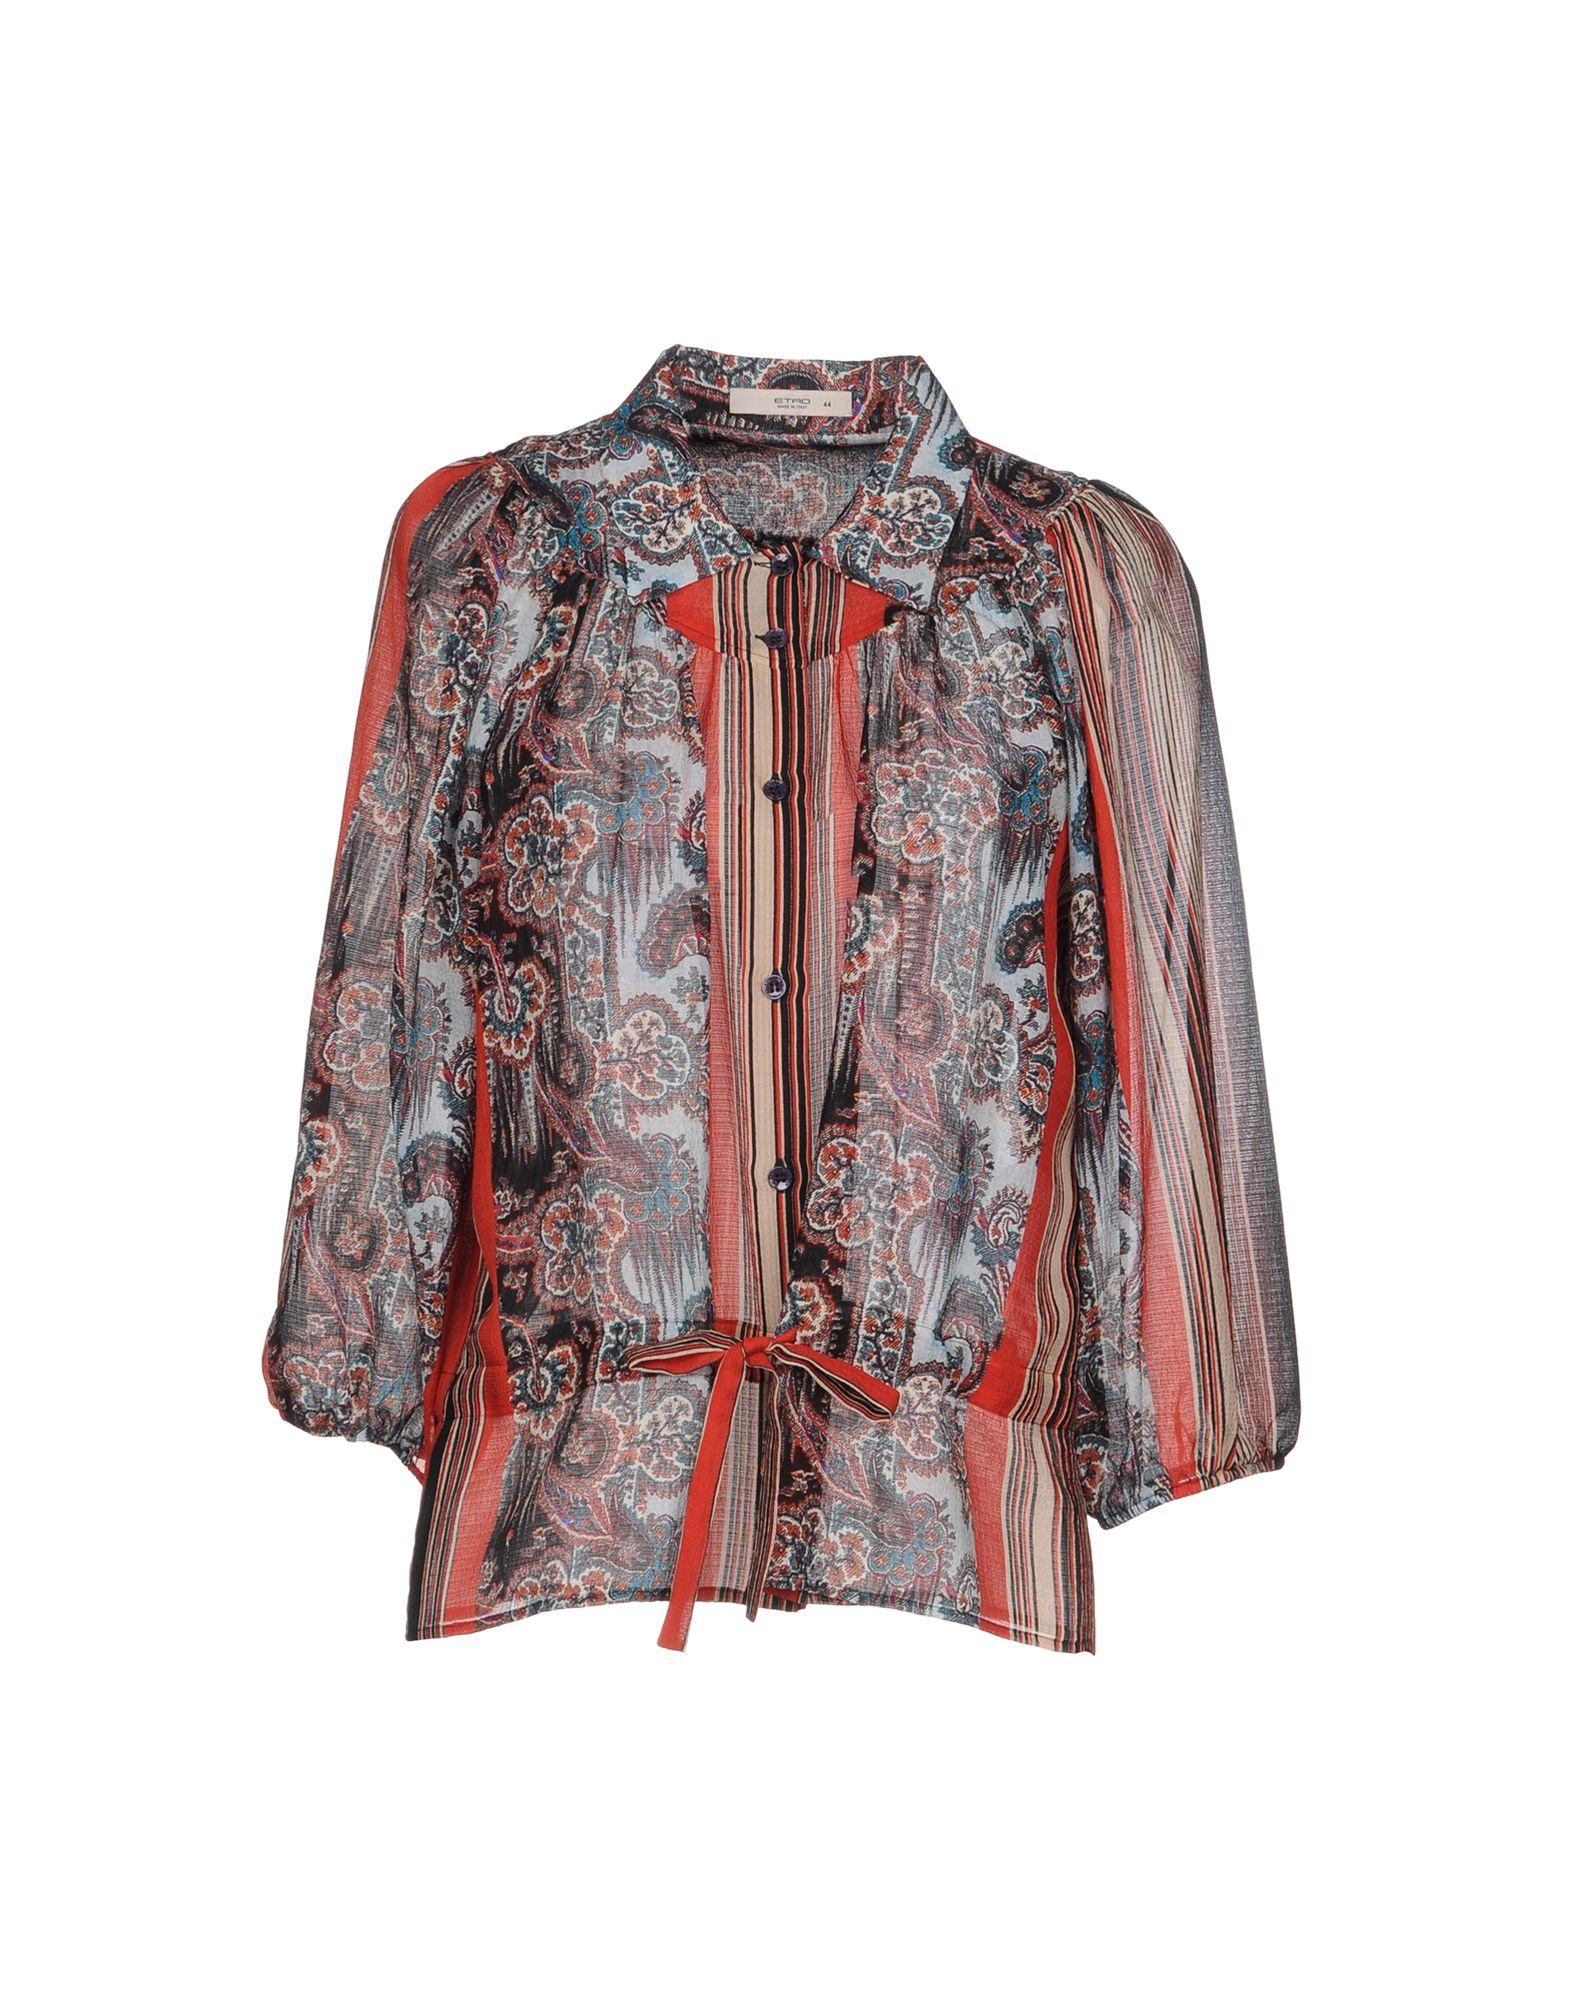 Camicie E Bluse In Seta Etro Donna - Acquista online su 2XjuzD56wd